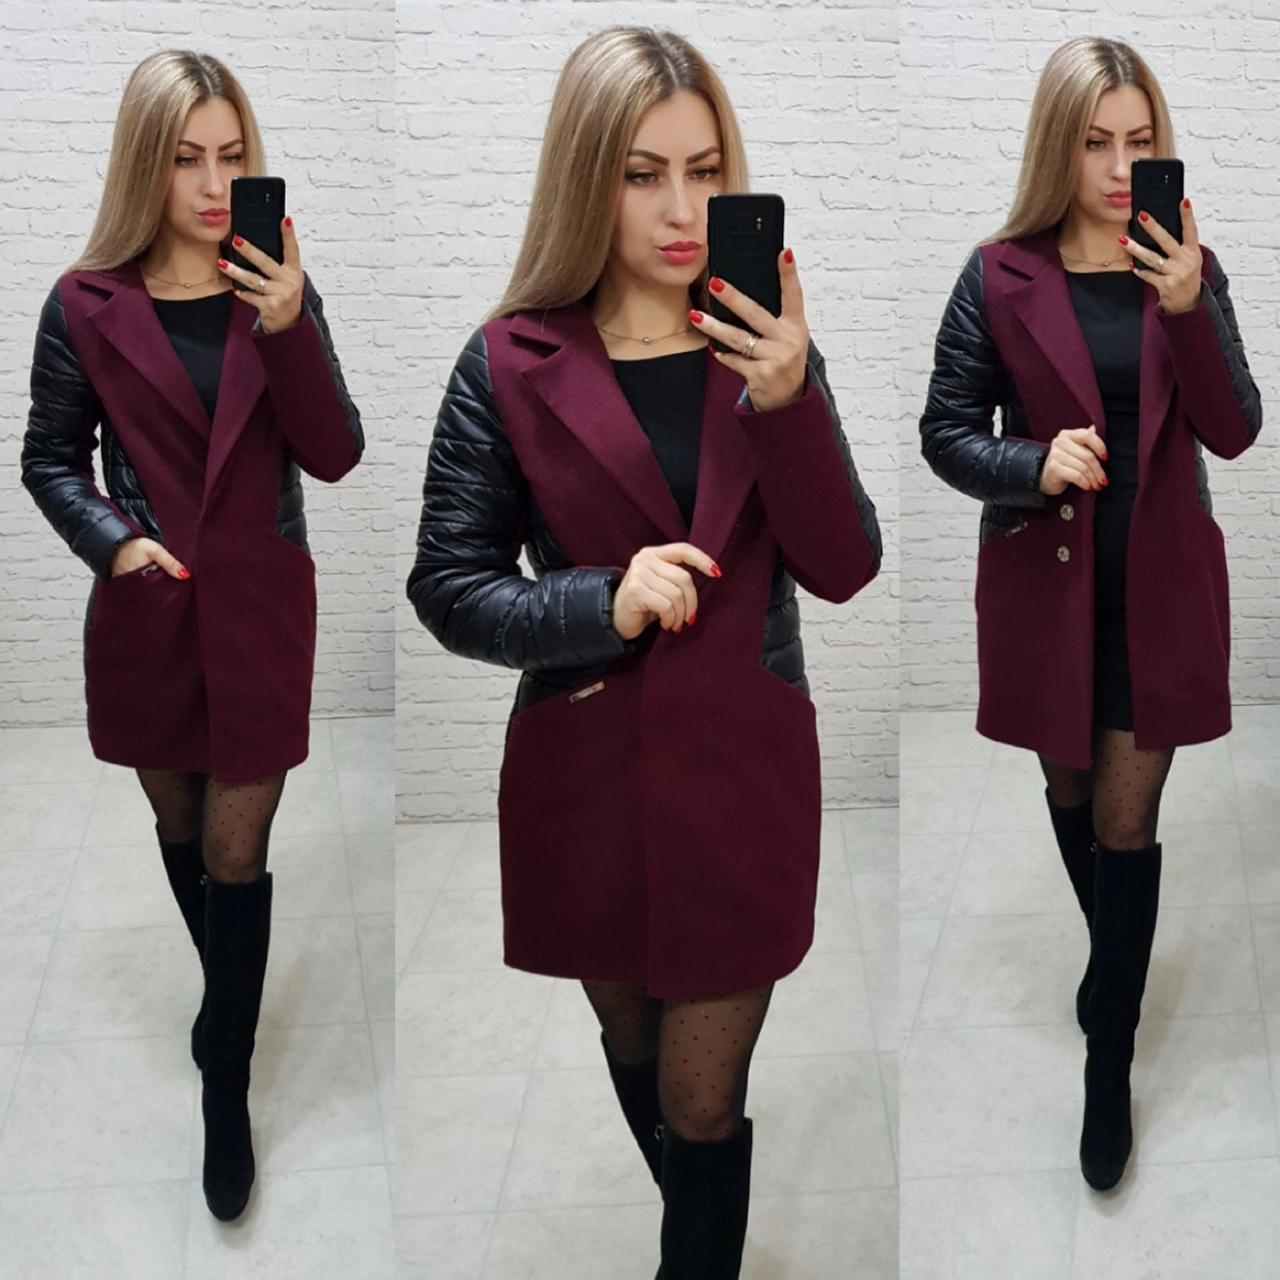 Пальто, арт 821/2, бордо с черными вставками